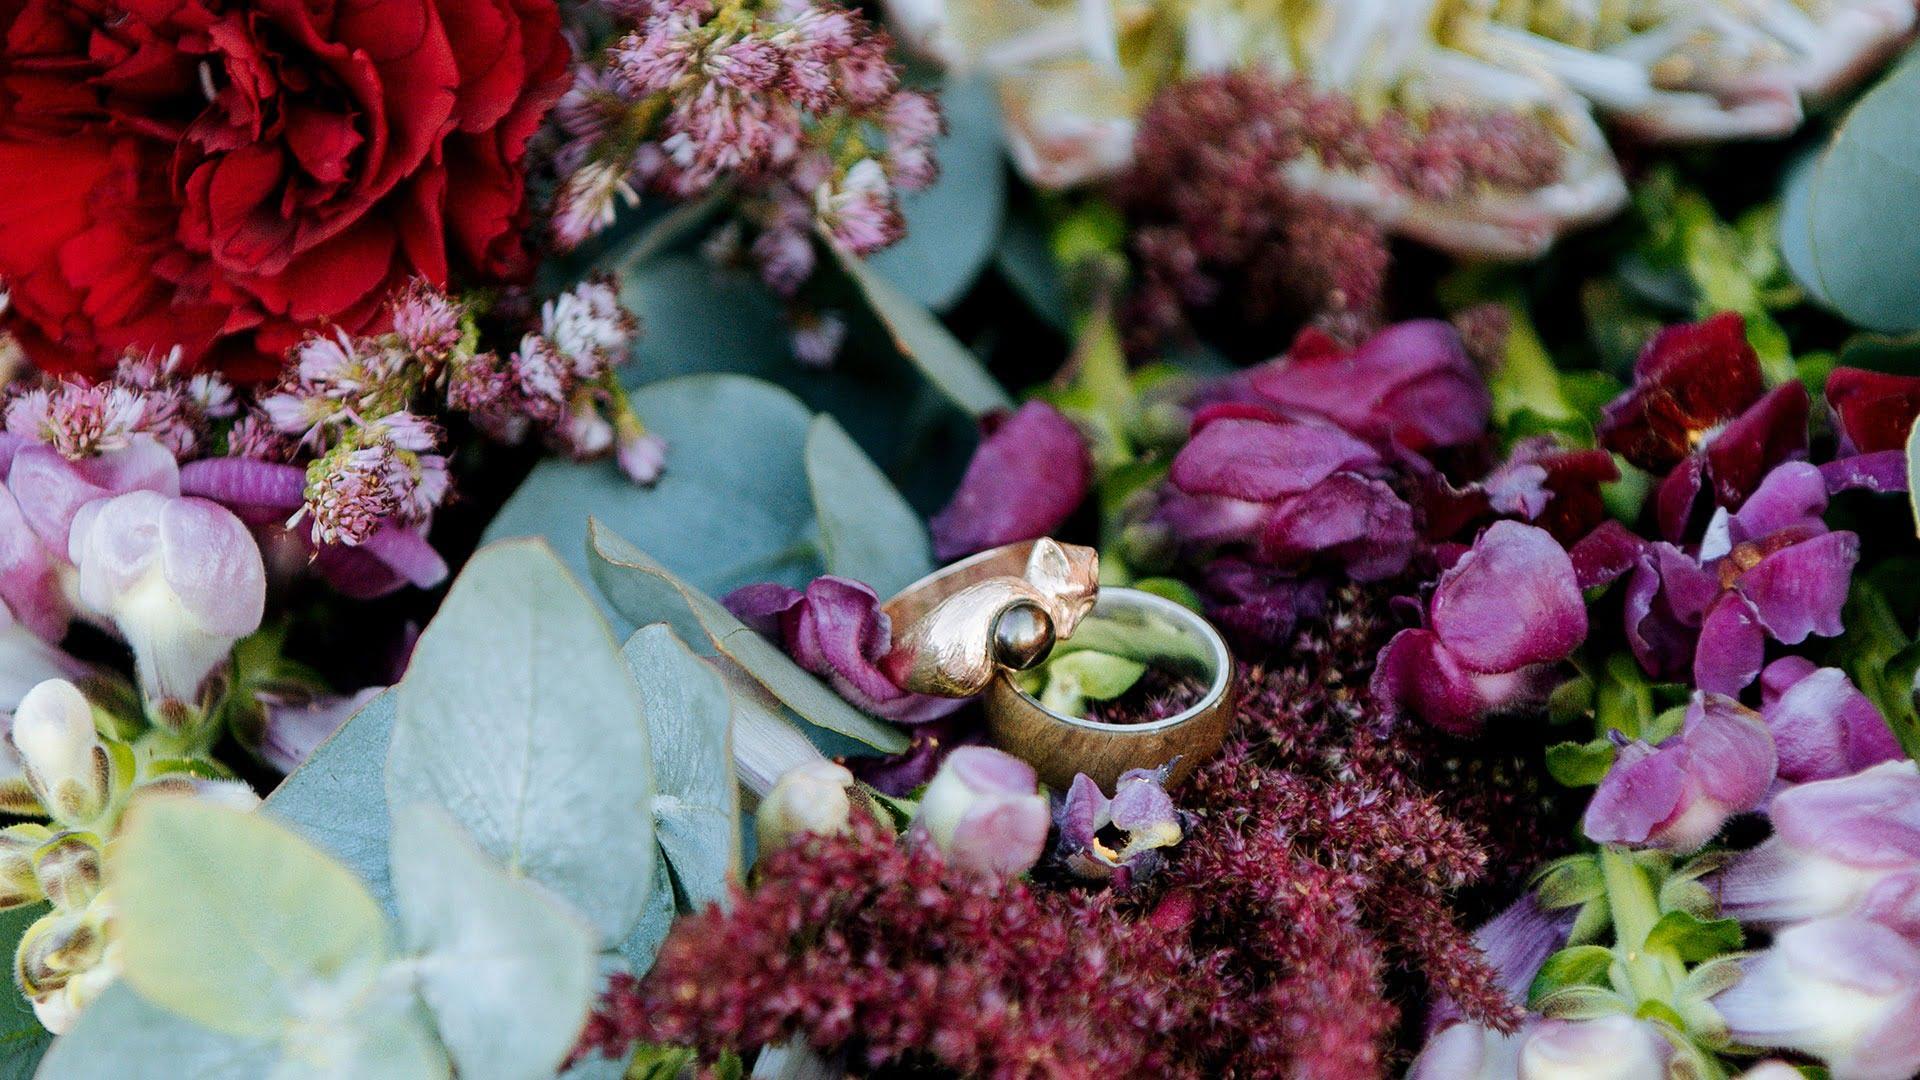 The Nut Farm Flower Arrangement